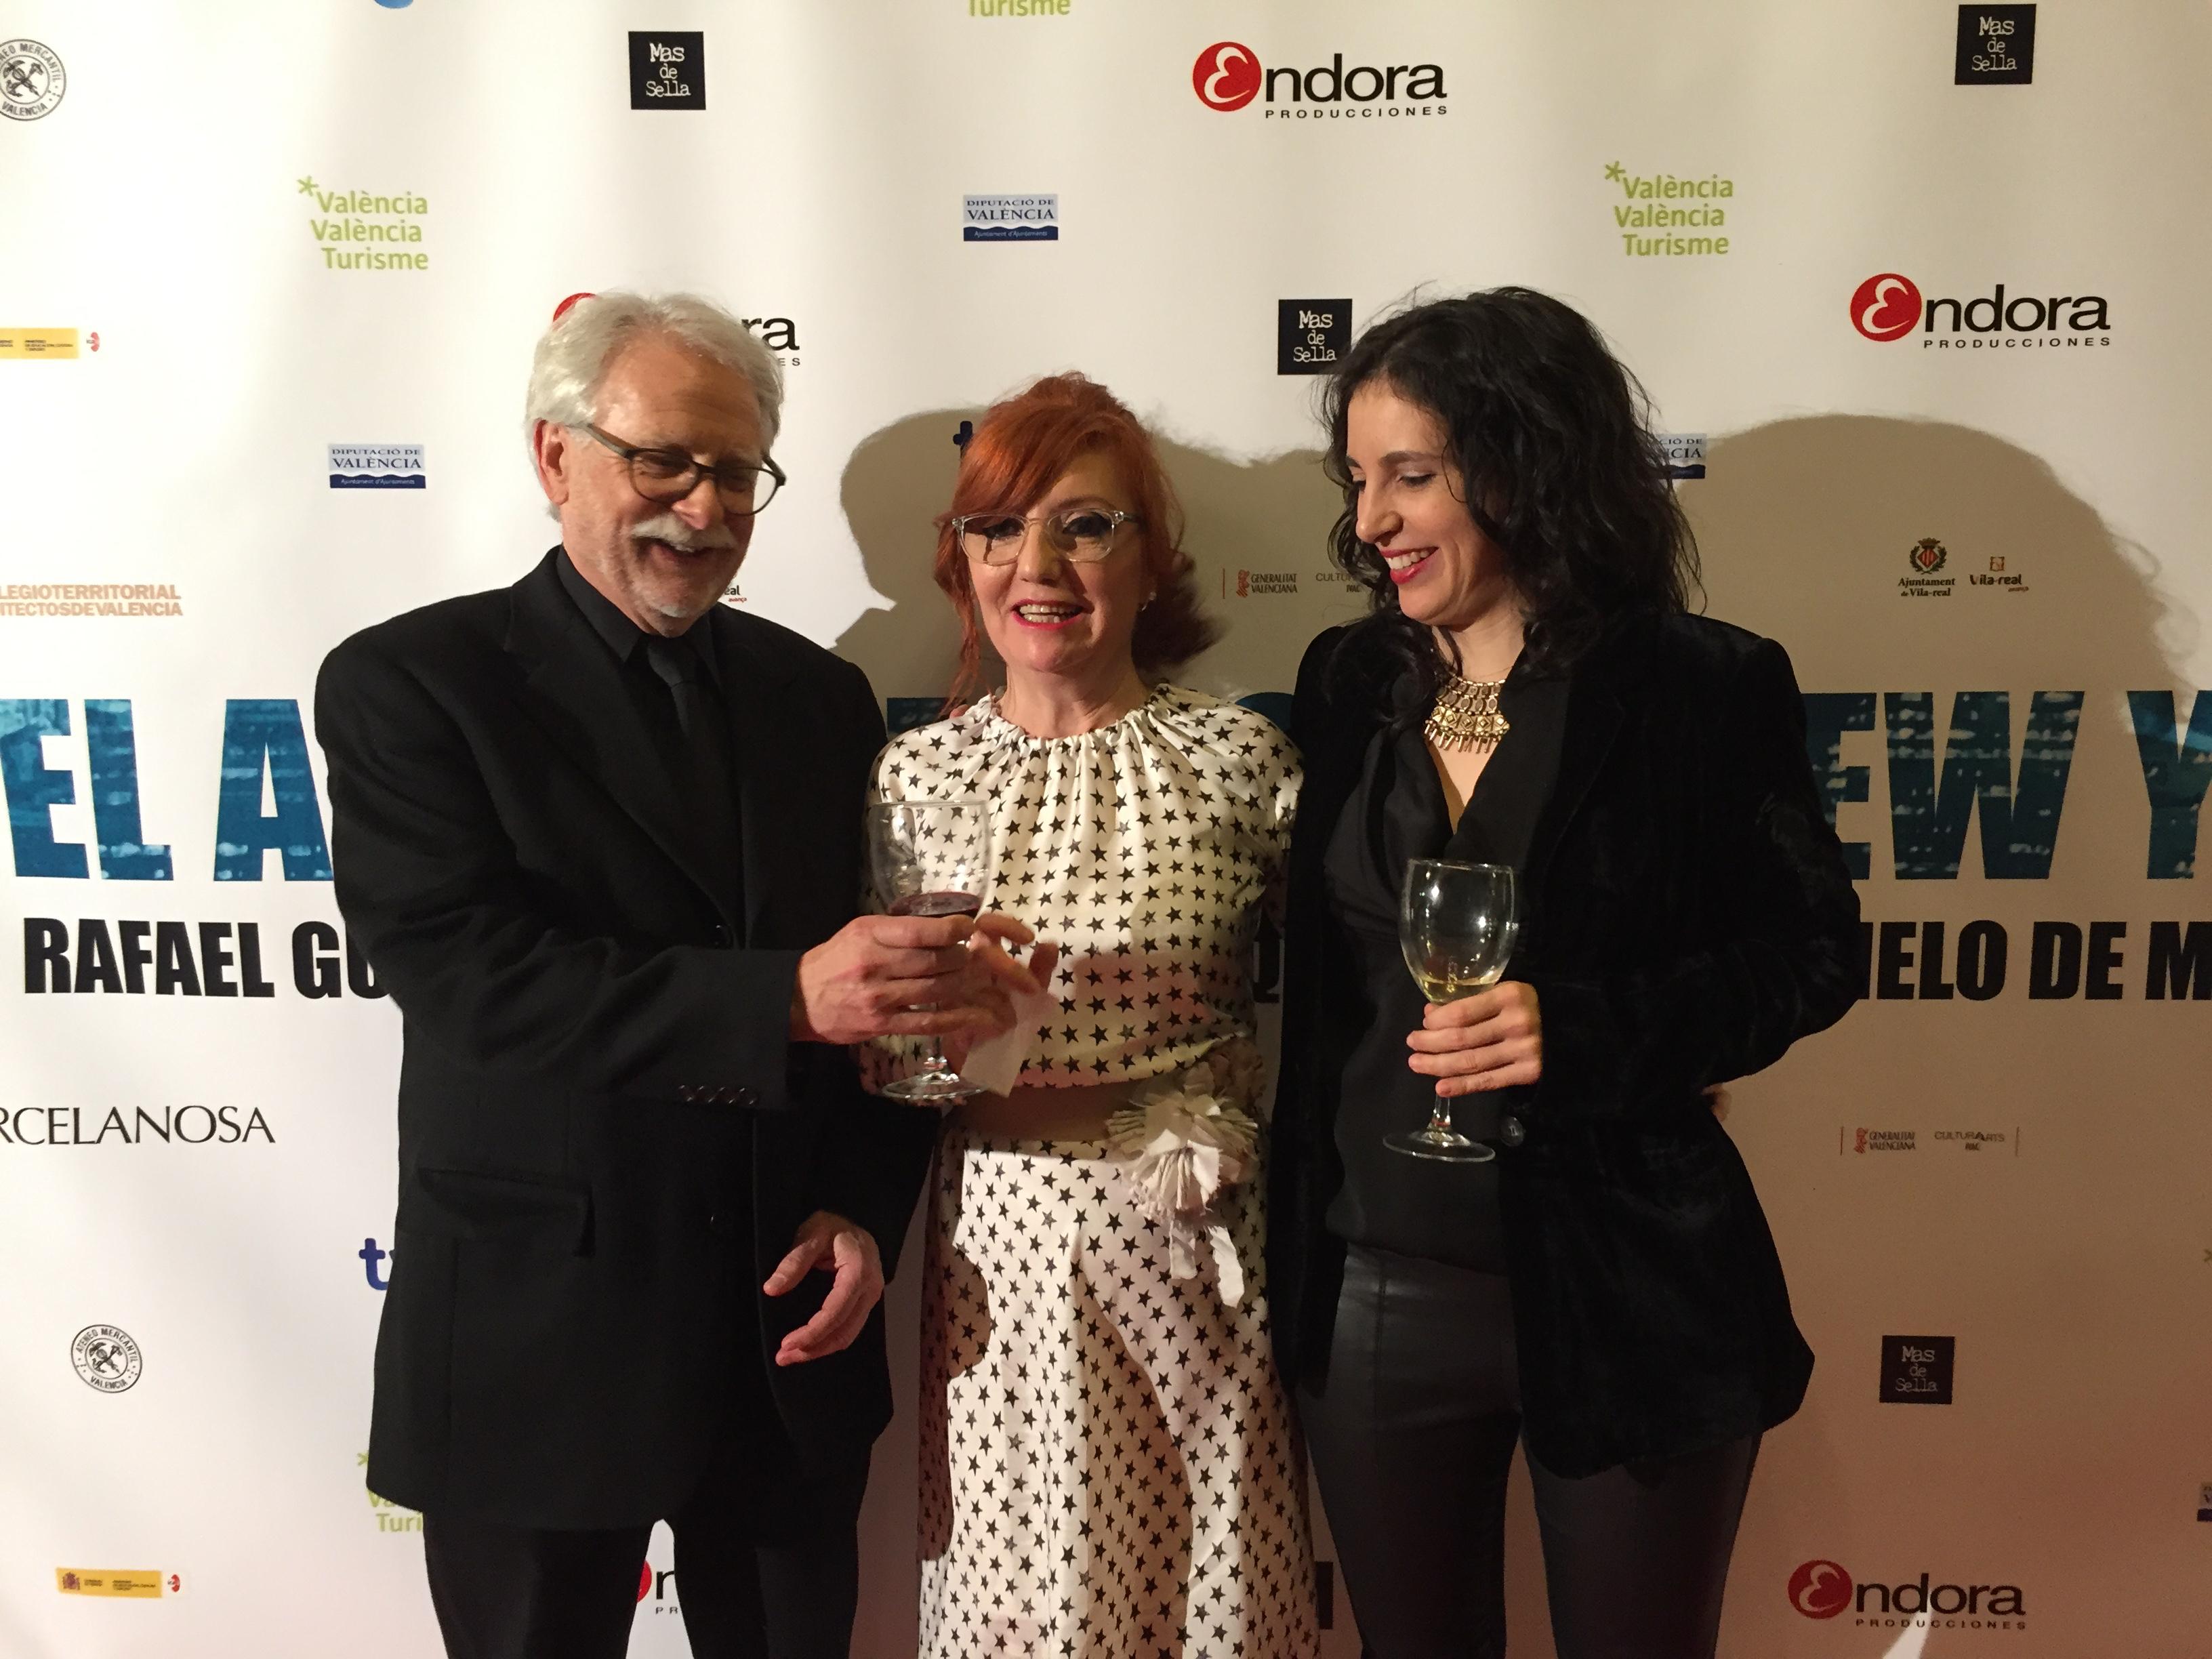 Right to left: Berta de Miguel, Eva Vizcarra, Kent Diebolt